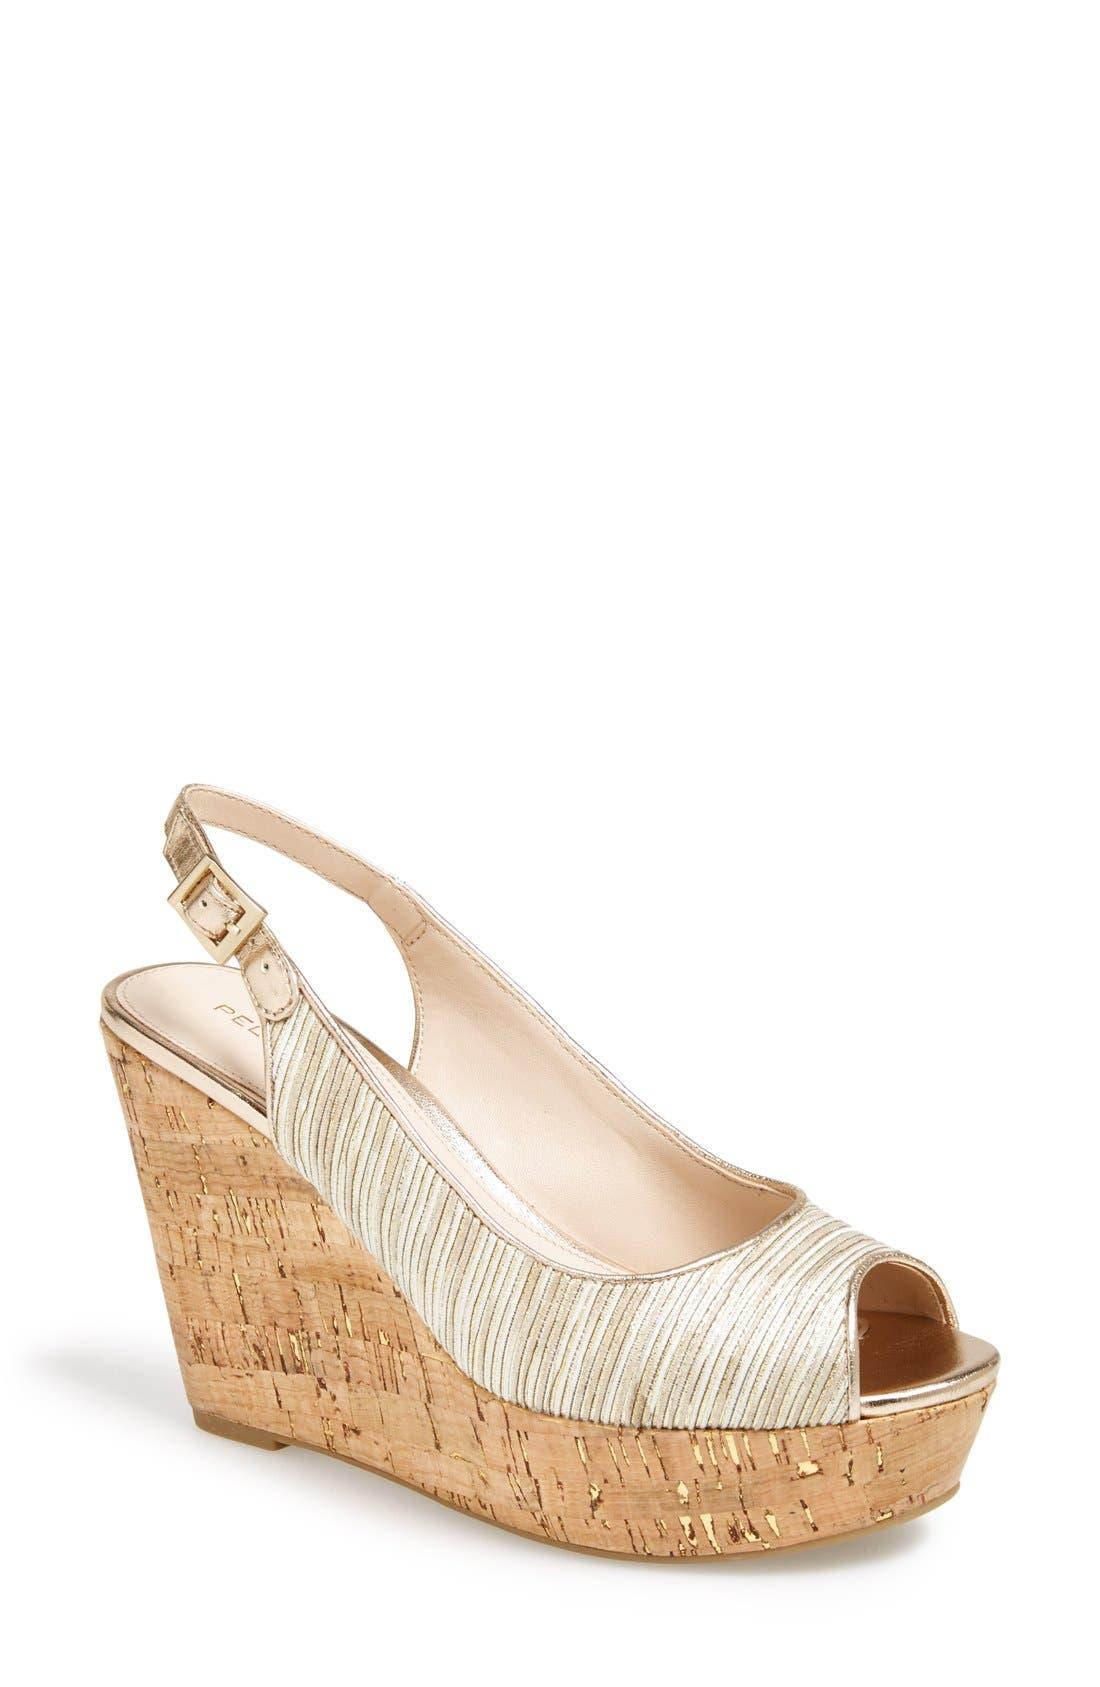 Main Image - Pelle Moda 'Colby' Slingback Wedge Sandal (Women)